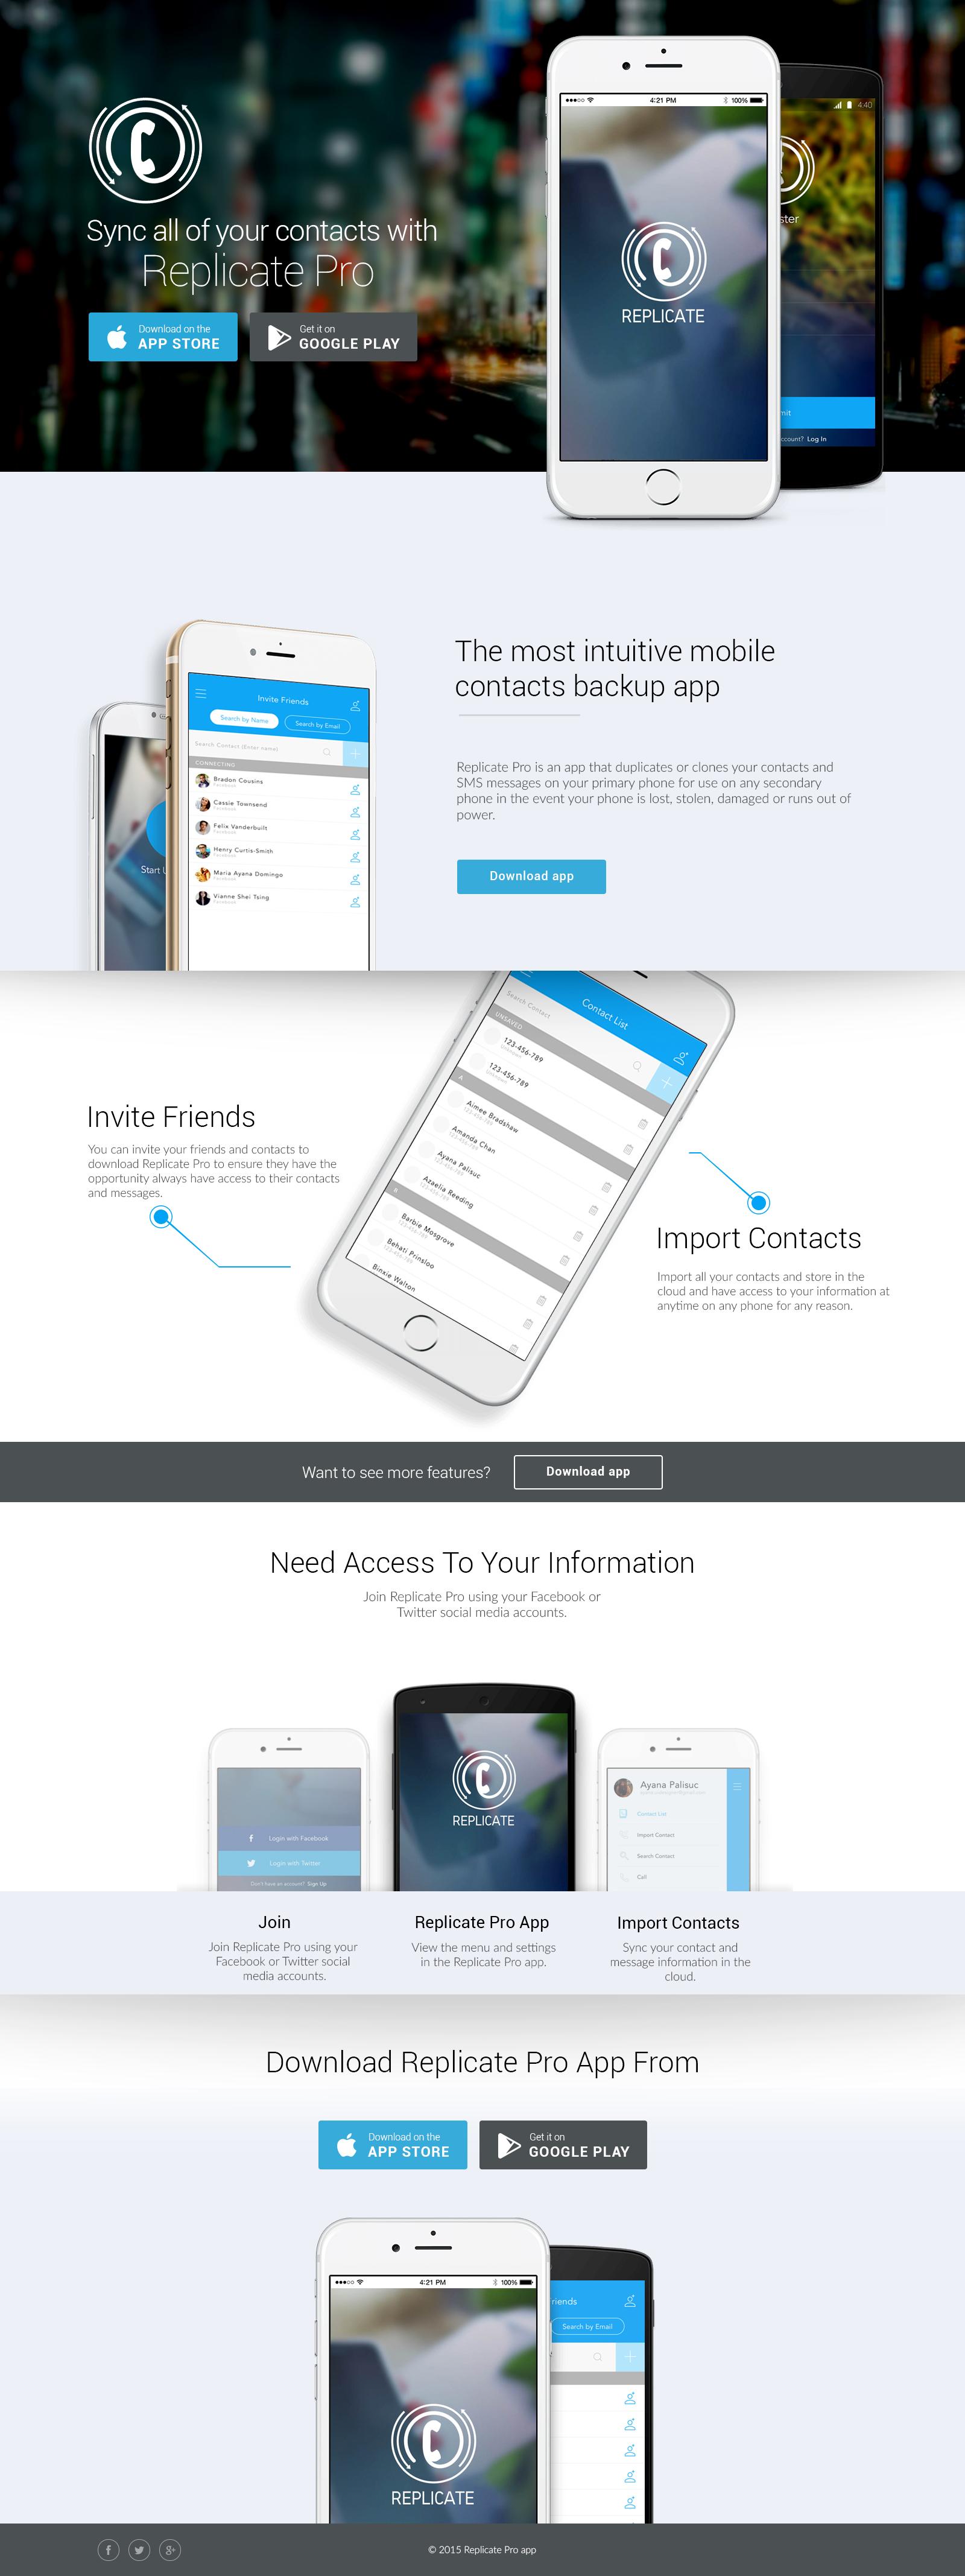 landing page - Replicate app